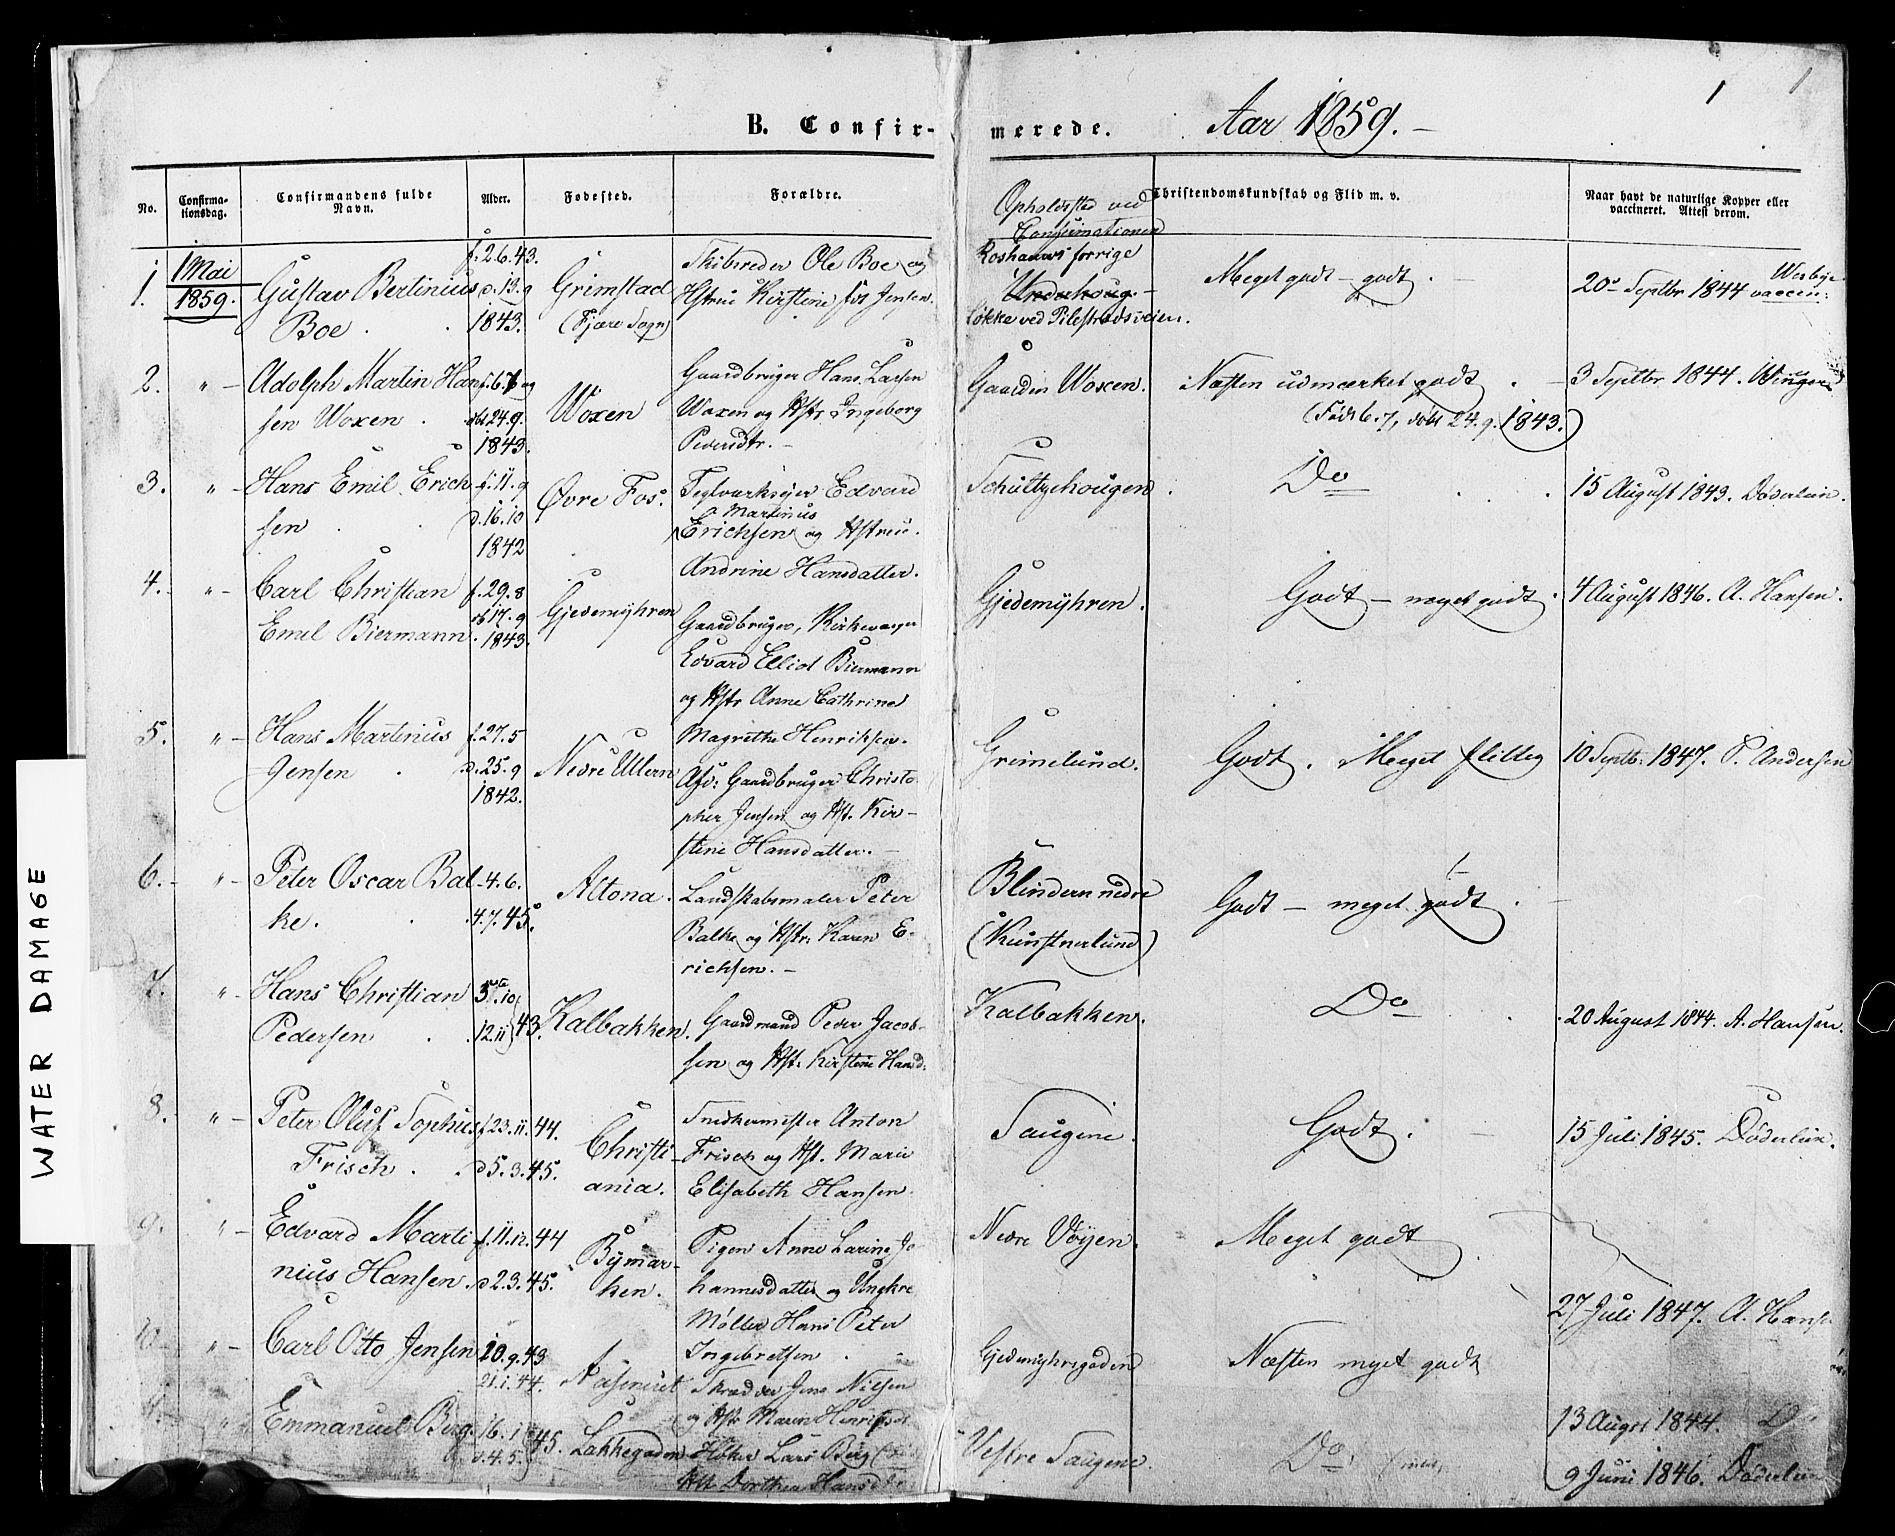 SAO, Vestre Aker prestekontor Kirkebøker, F/Fa/L0005: Ministerialbok nr. 5, 1859-1877, s. 1